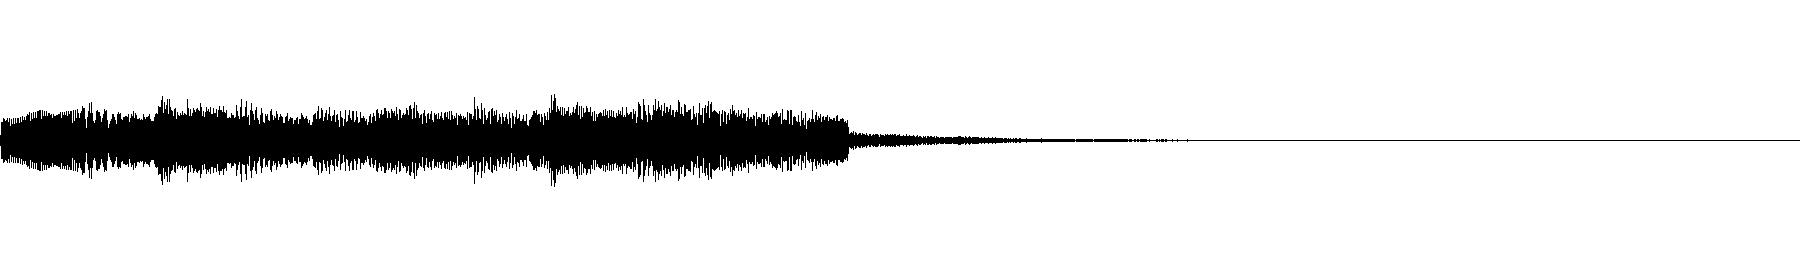 piano 2 135 bpm